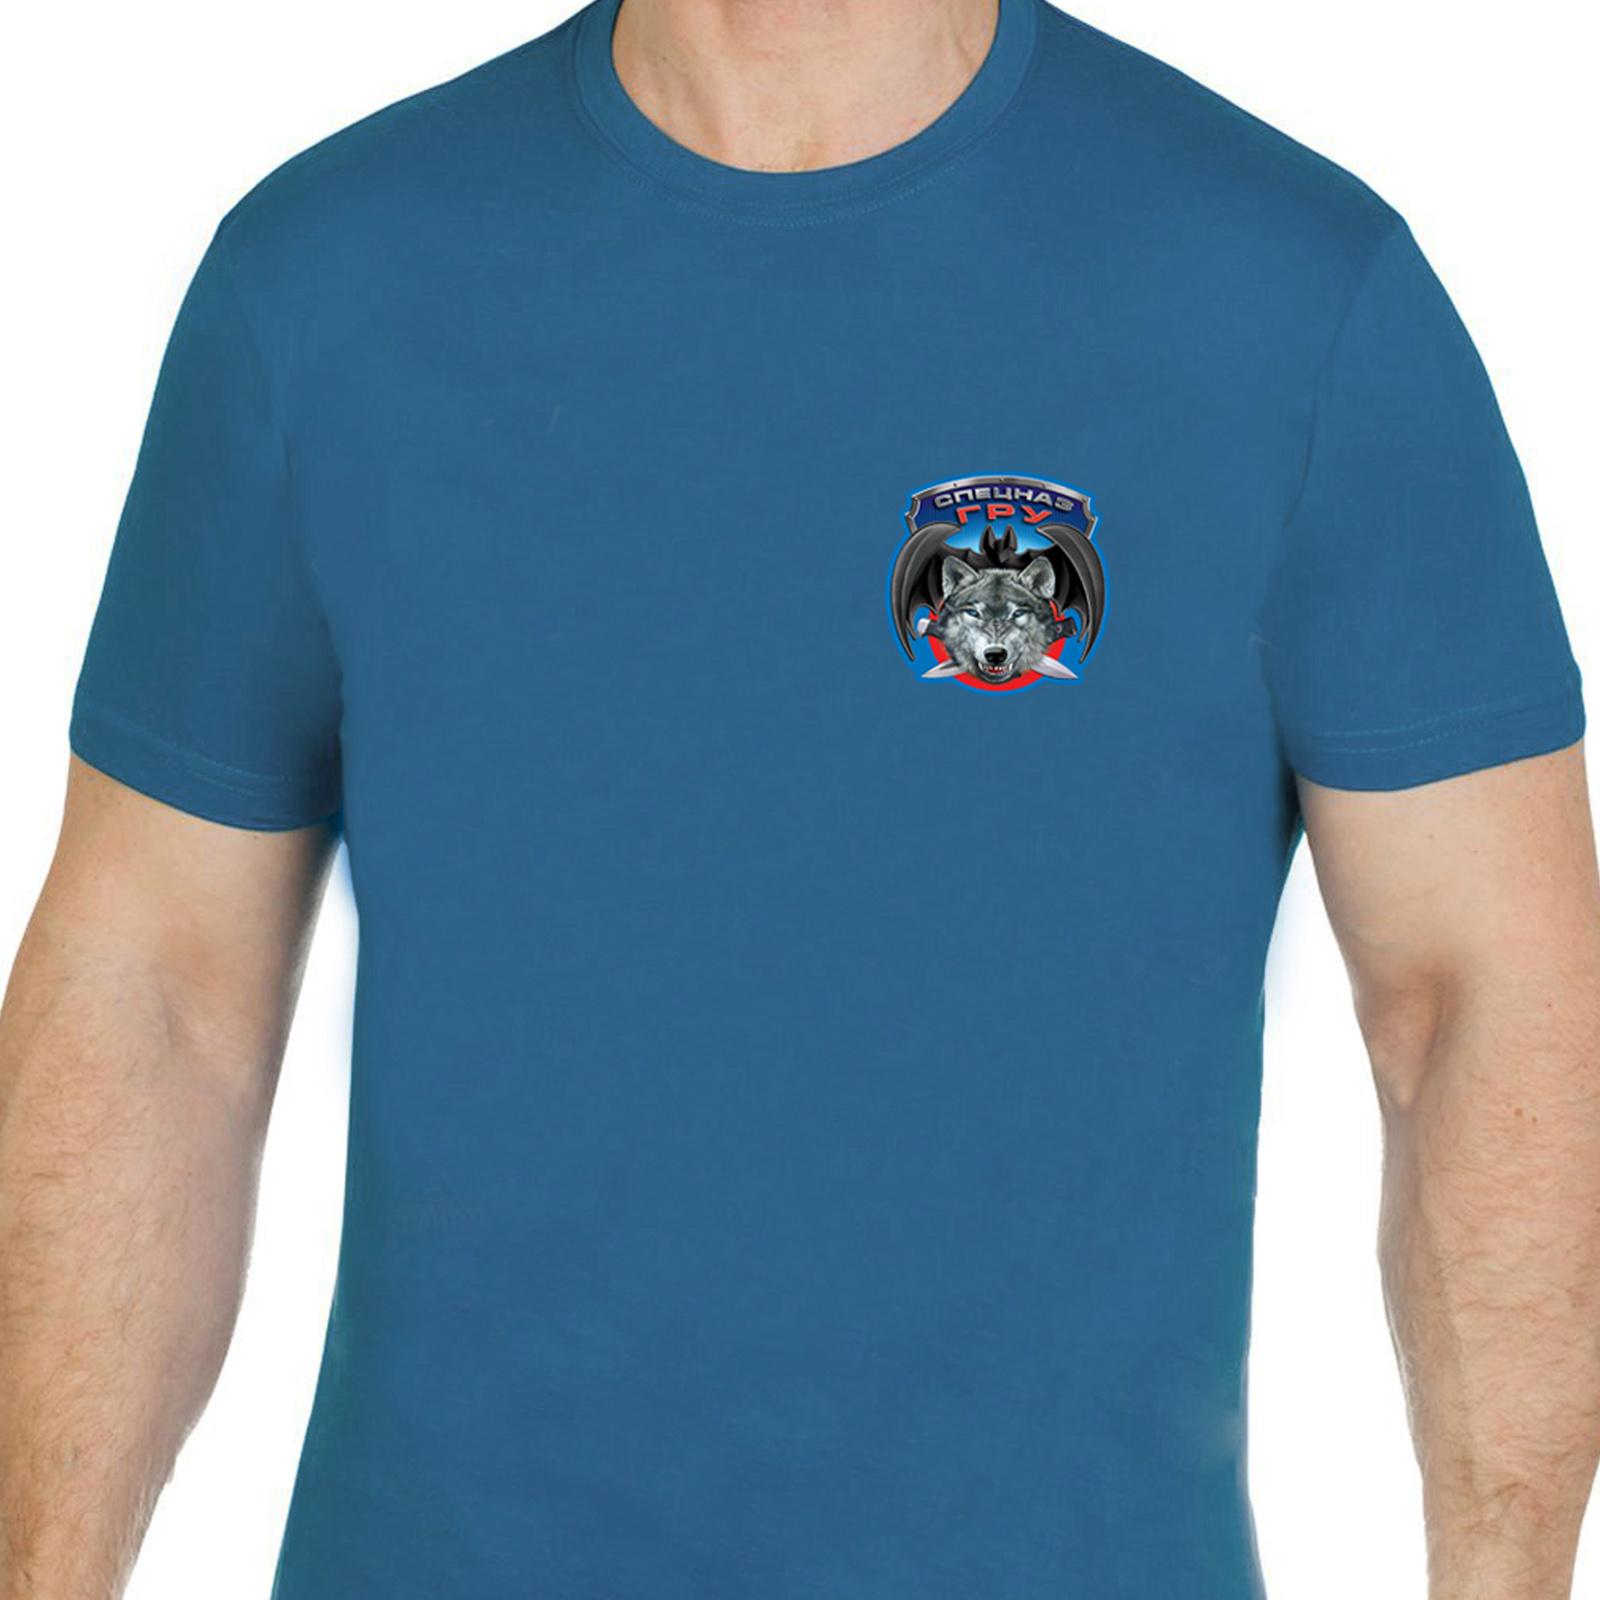 Высококачественная футболка Спецназ ГРУ